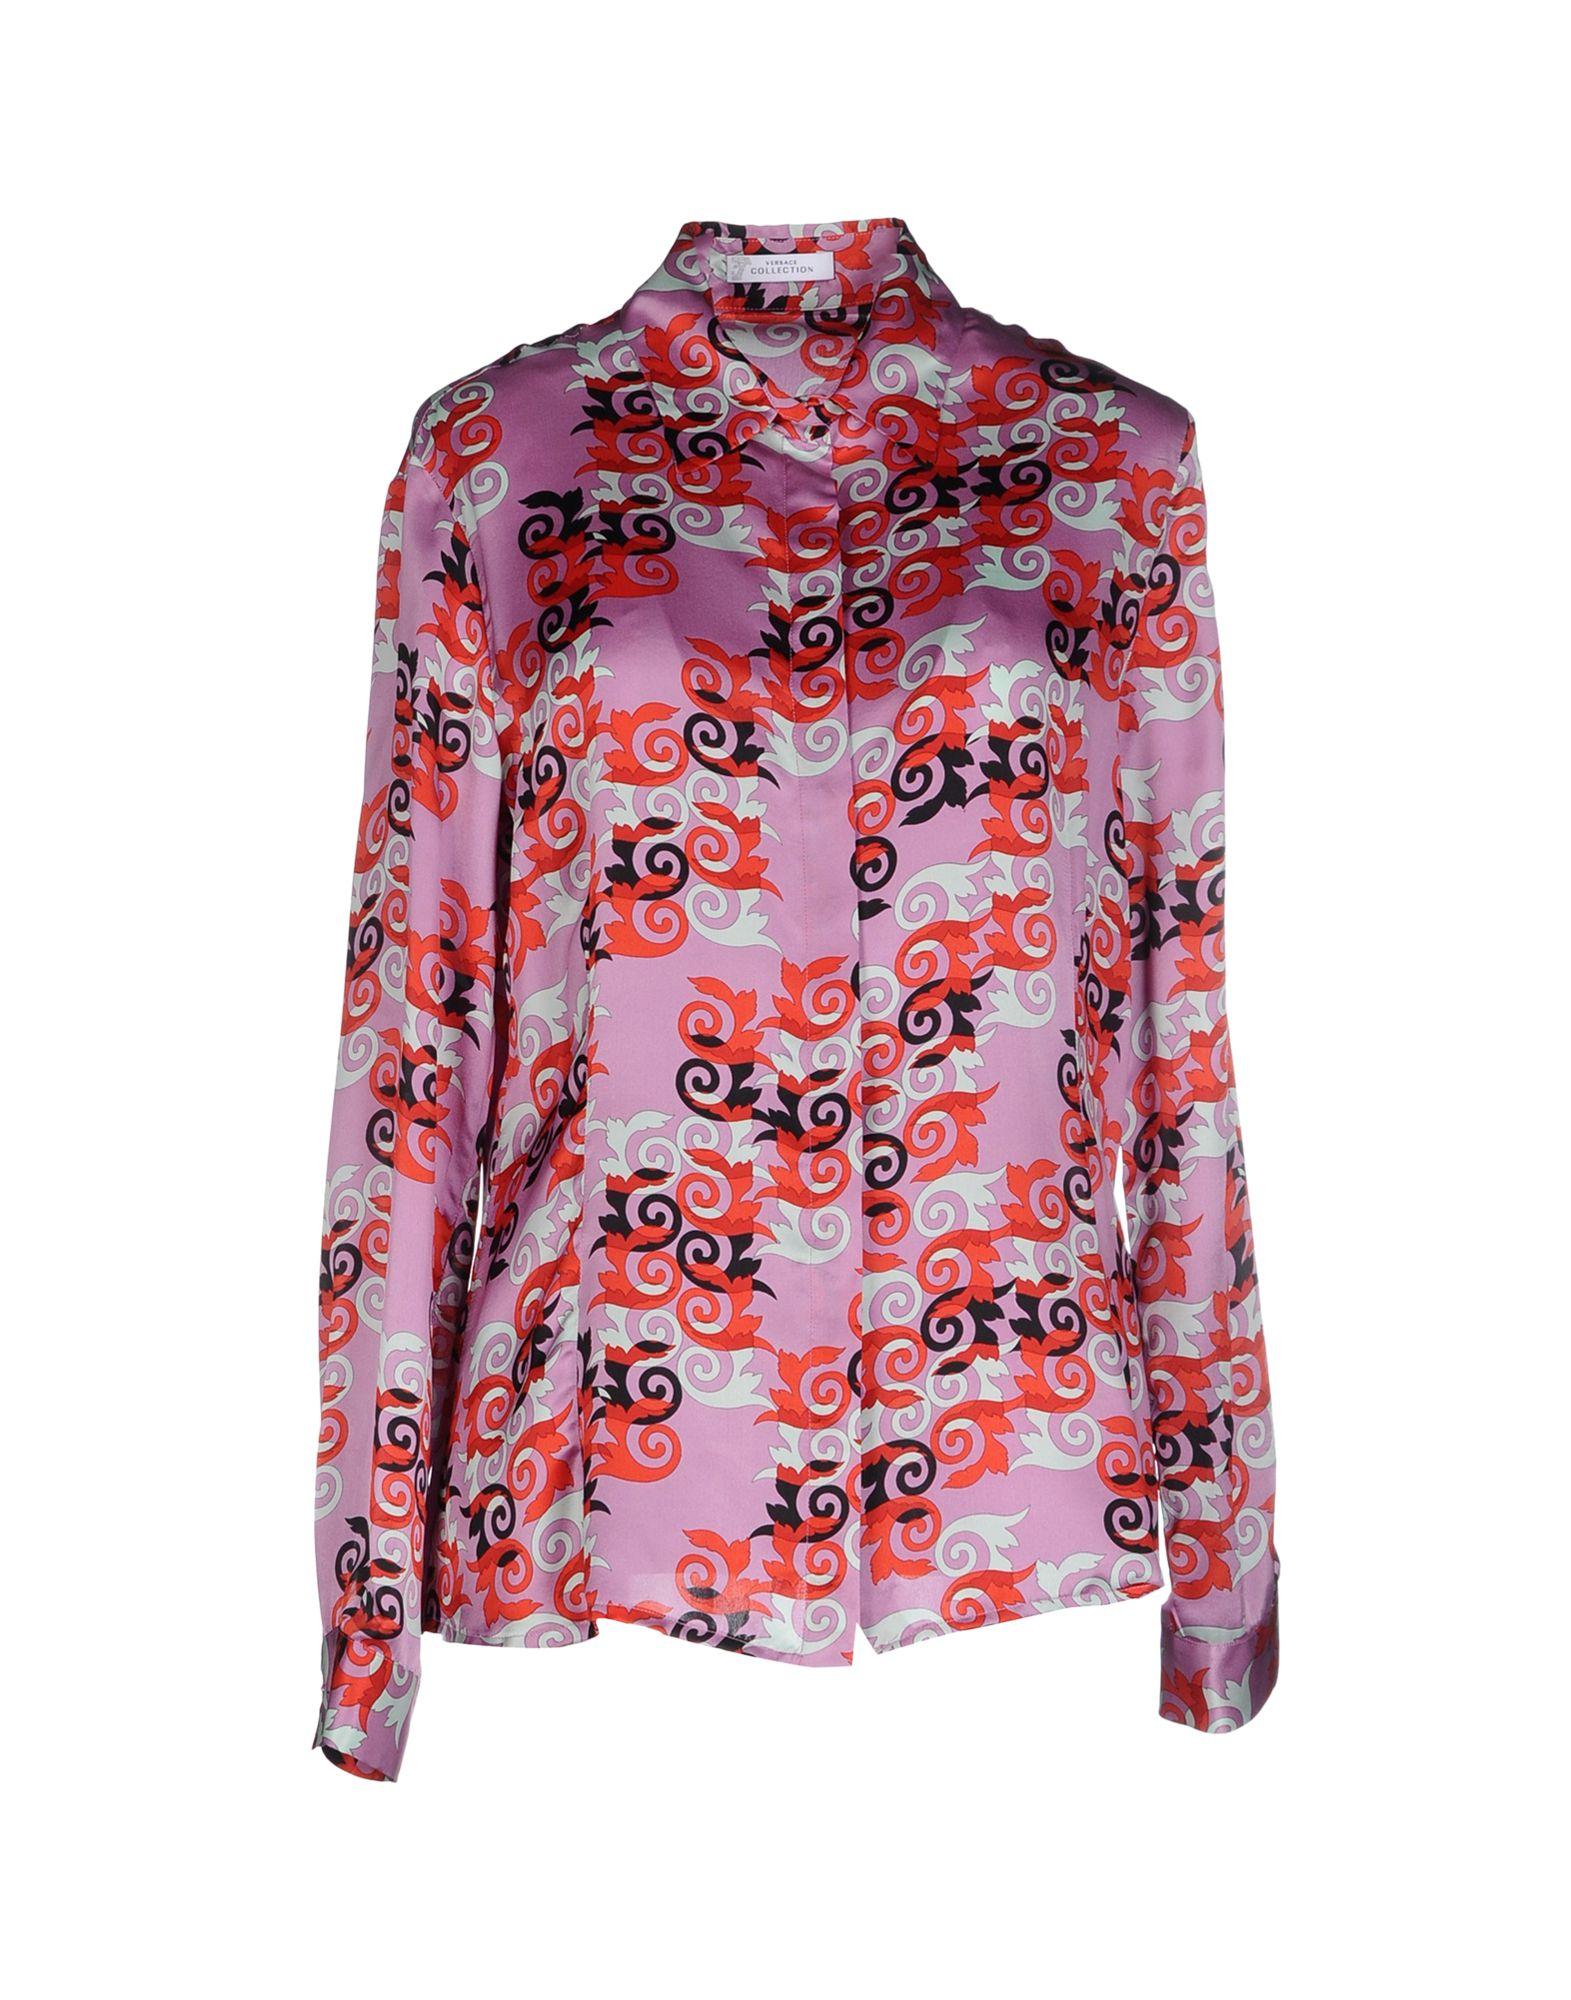 VERSACE COLLECTION Damen Hemd Farbe Violett Größe 5